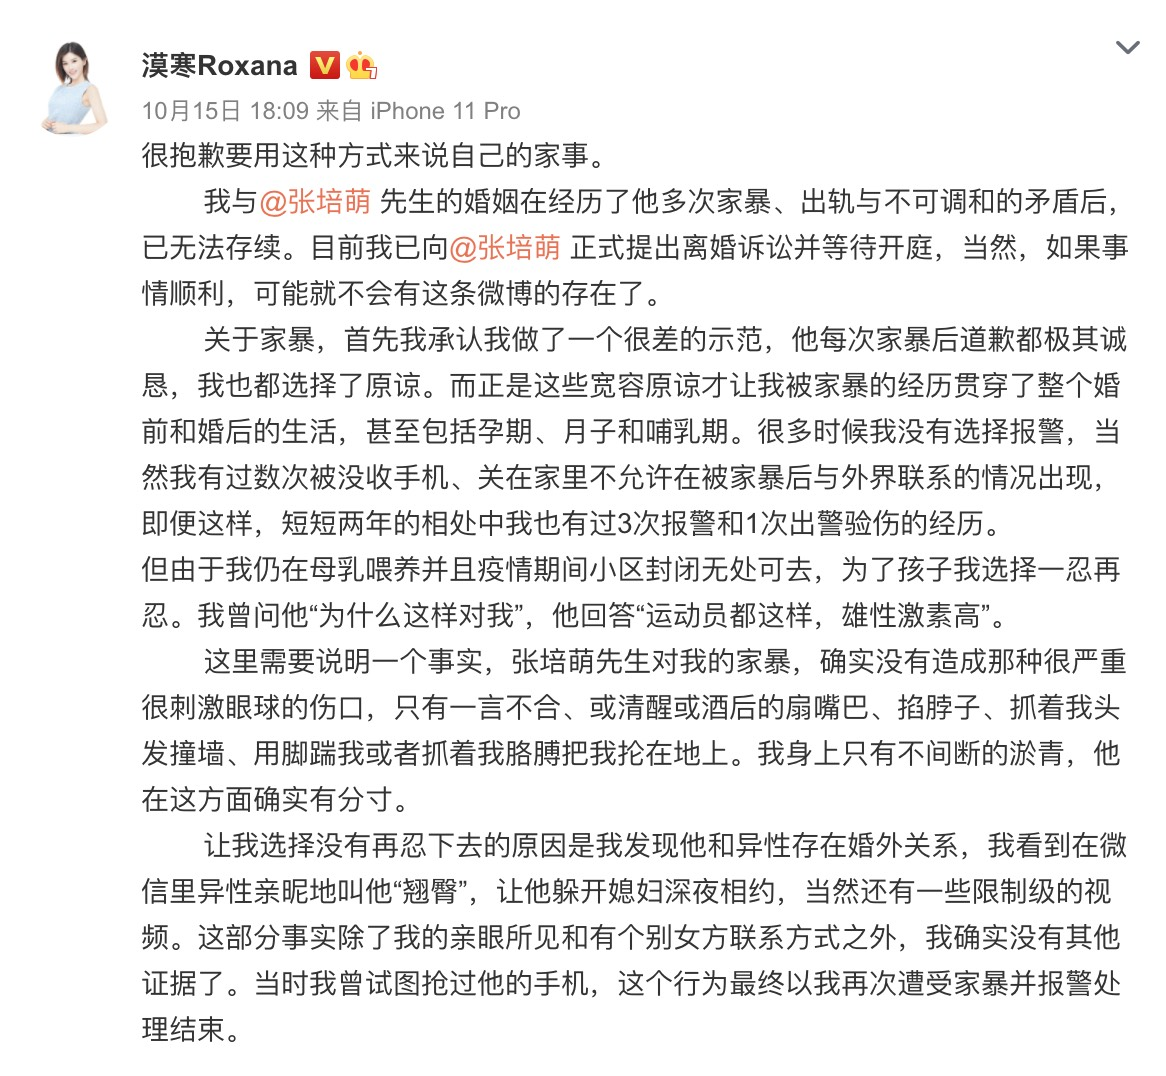 https://s.weibo.com/weibo/%25E5%25BC%25B5%25E5%259F%25B9%25E8%2590%258C?topnav=1&wvr=6&b=1